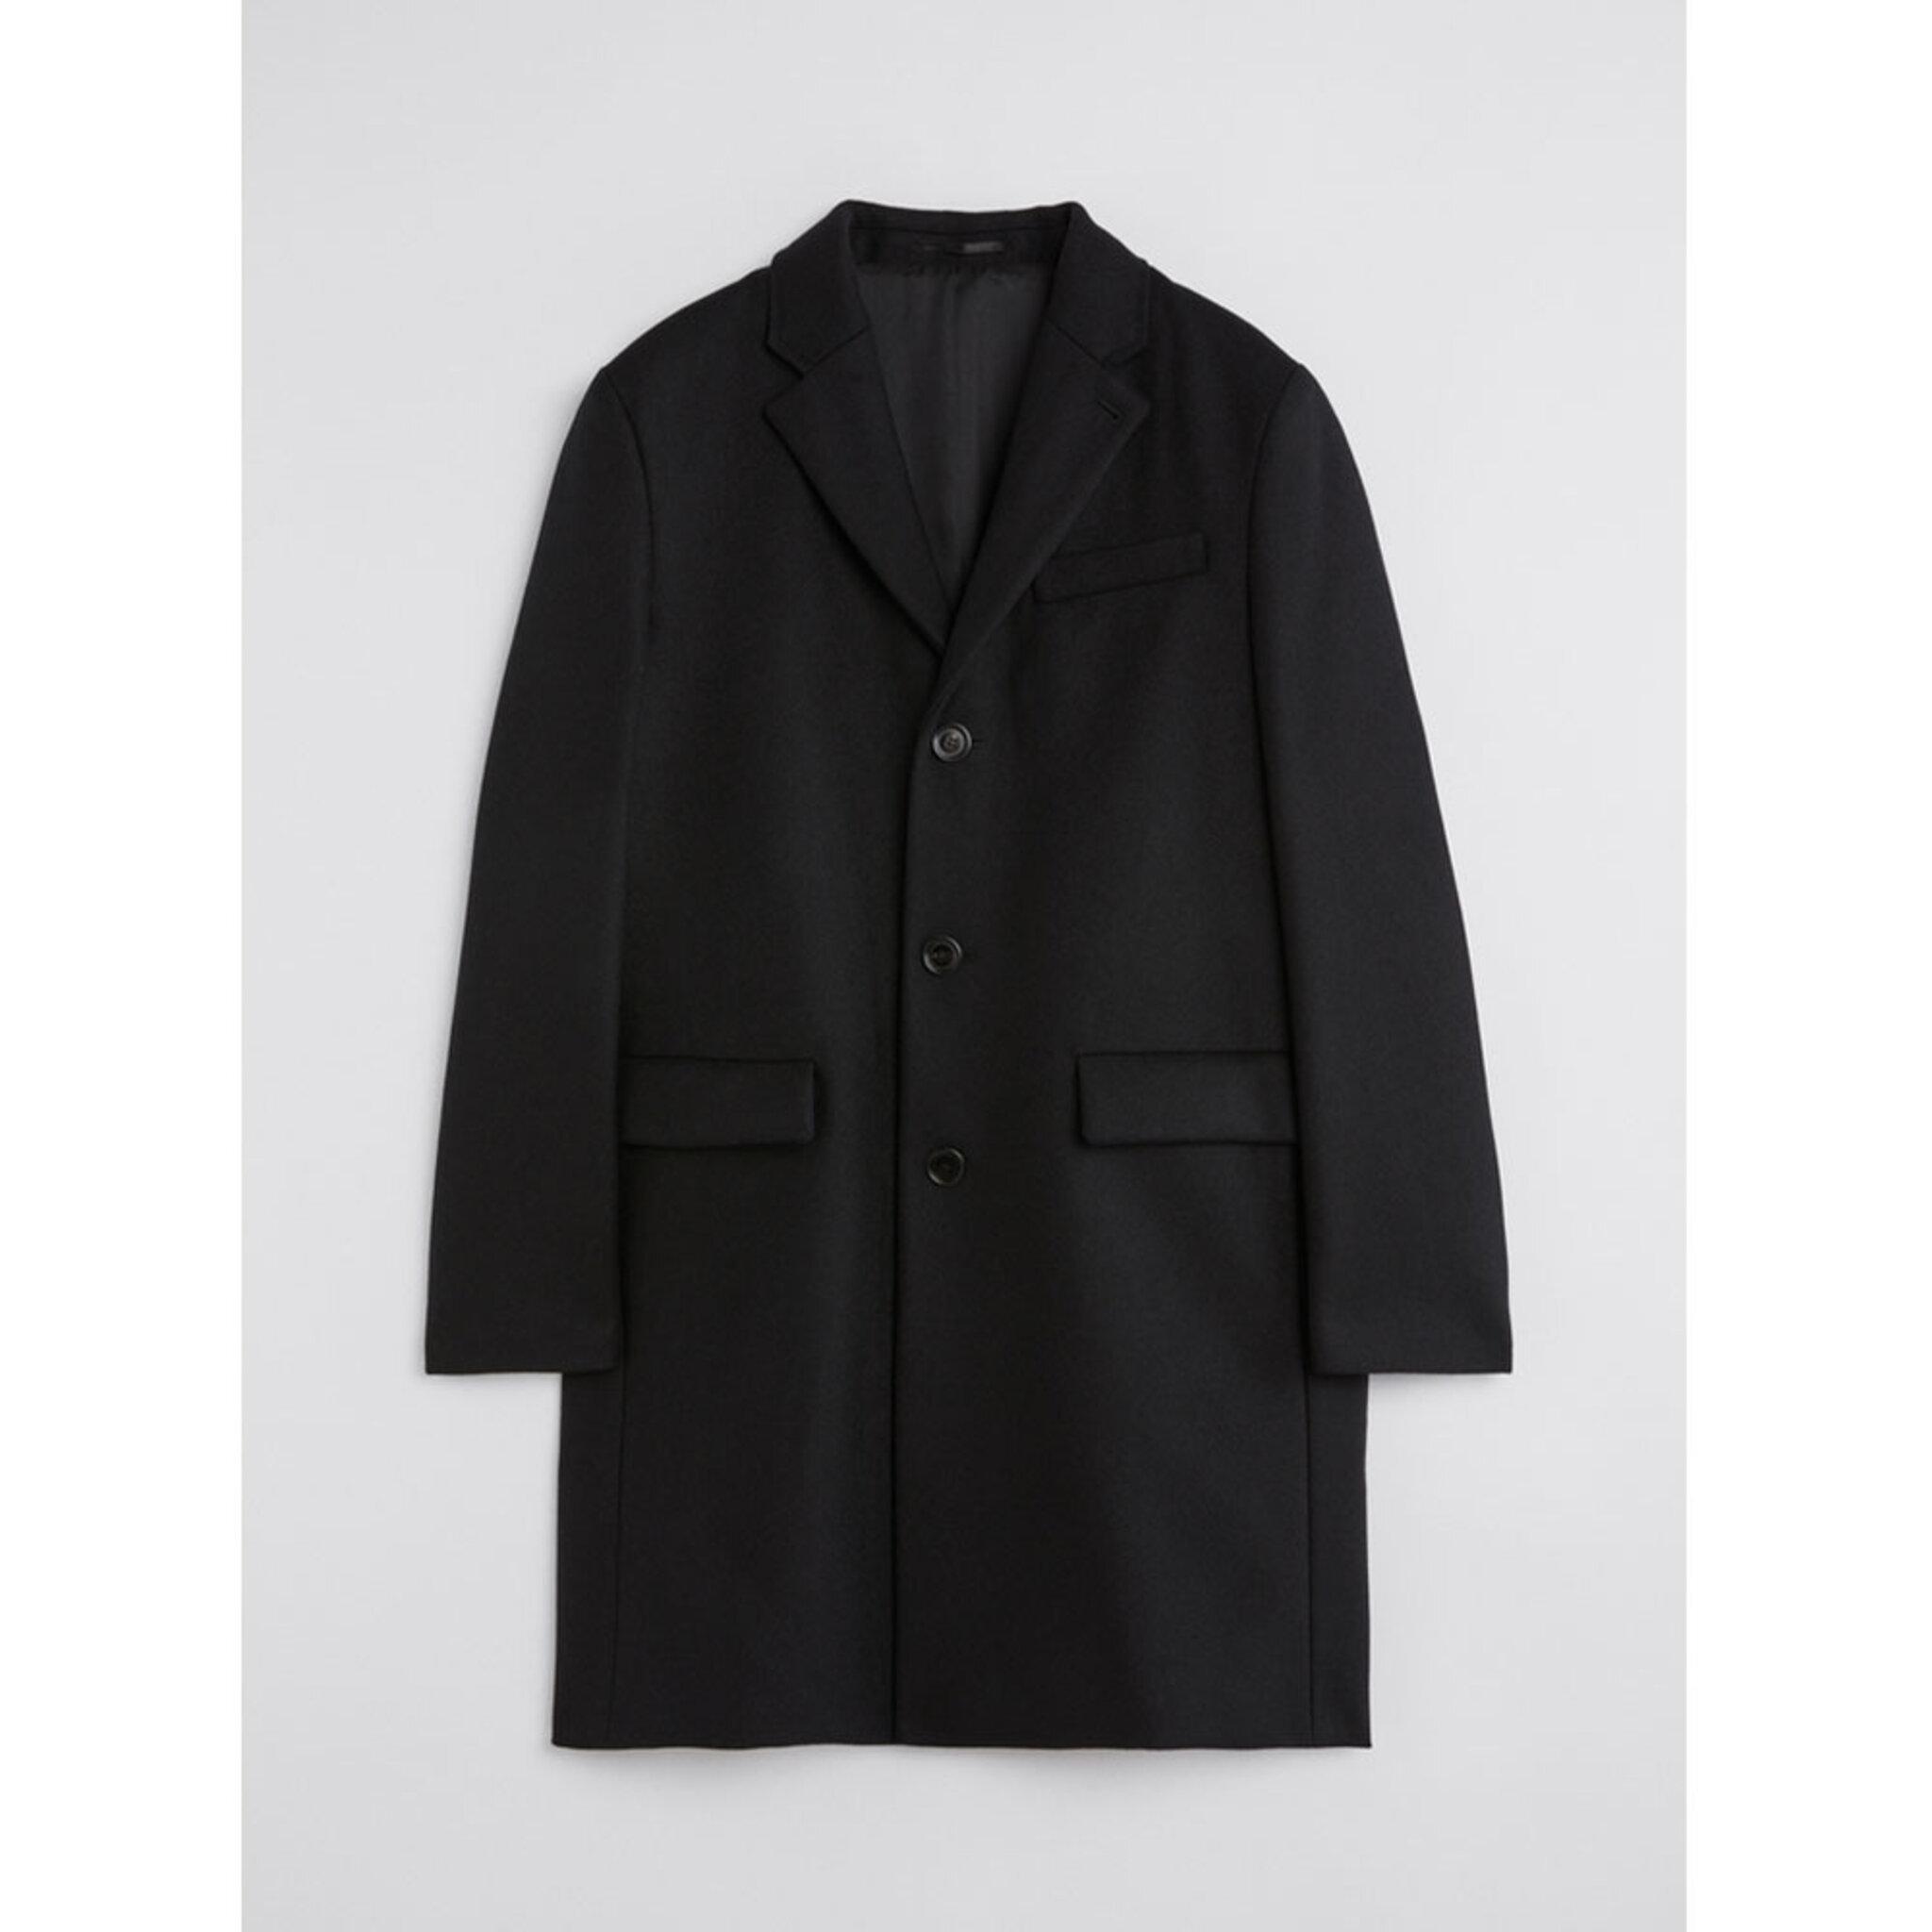 M. Rhine Coat